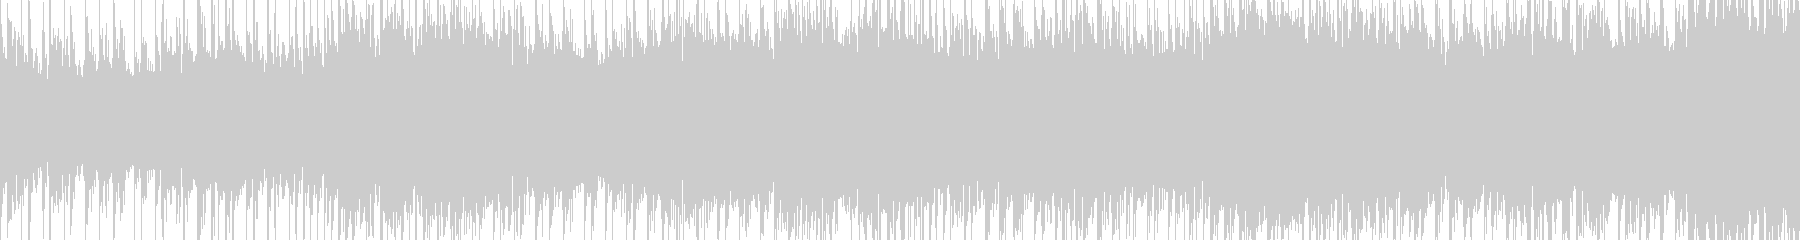 和風のループ曲の未再生の波形